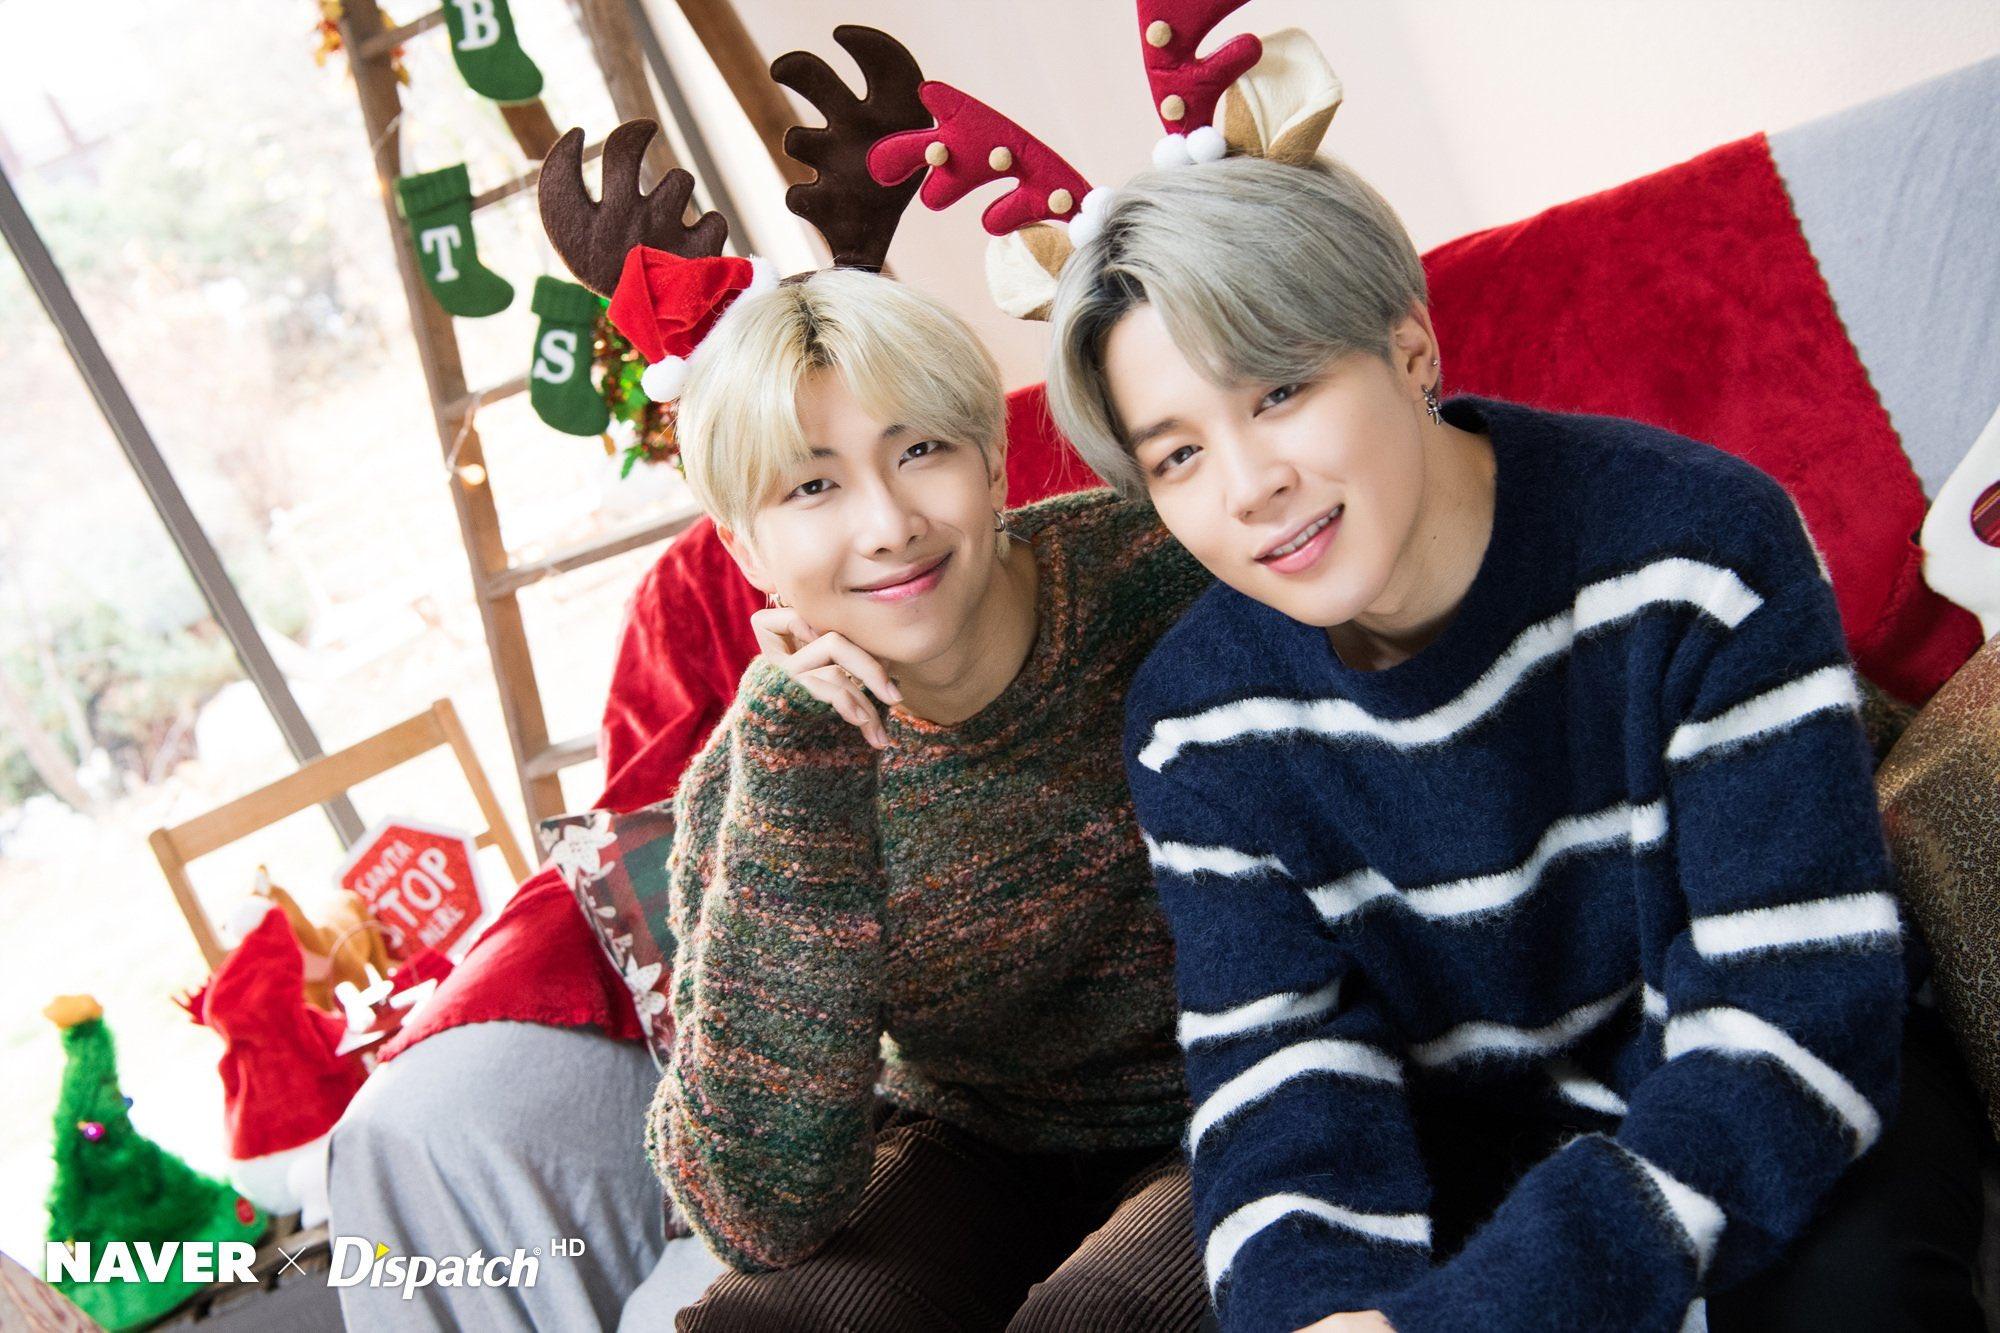 BTS Bersama Dispatch Merilis Foto Spesial Natal untuk ARMY